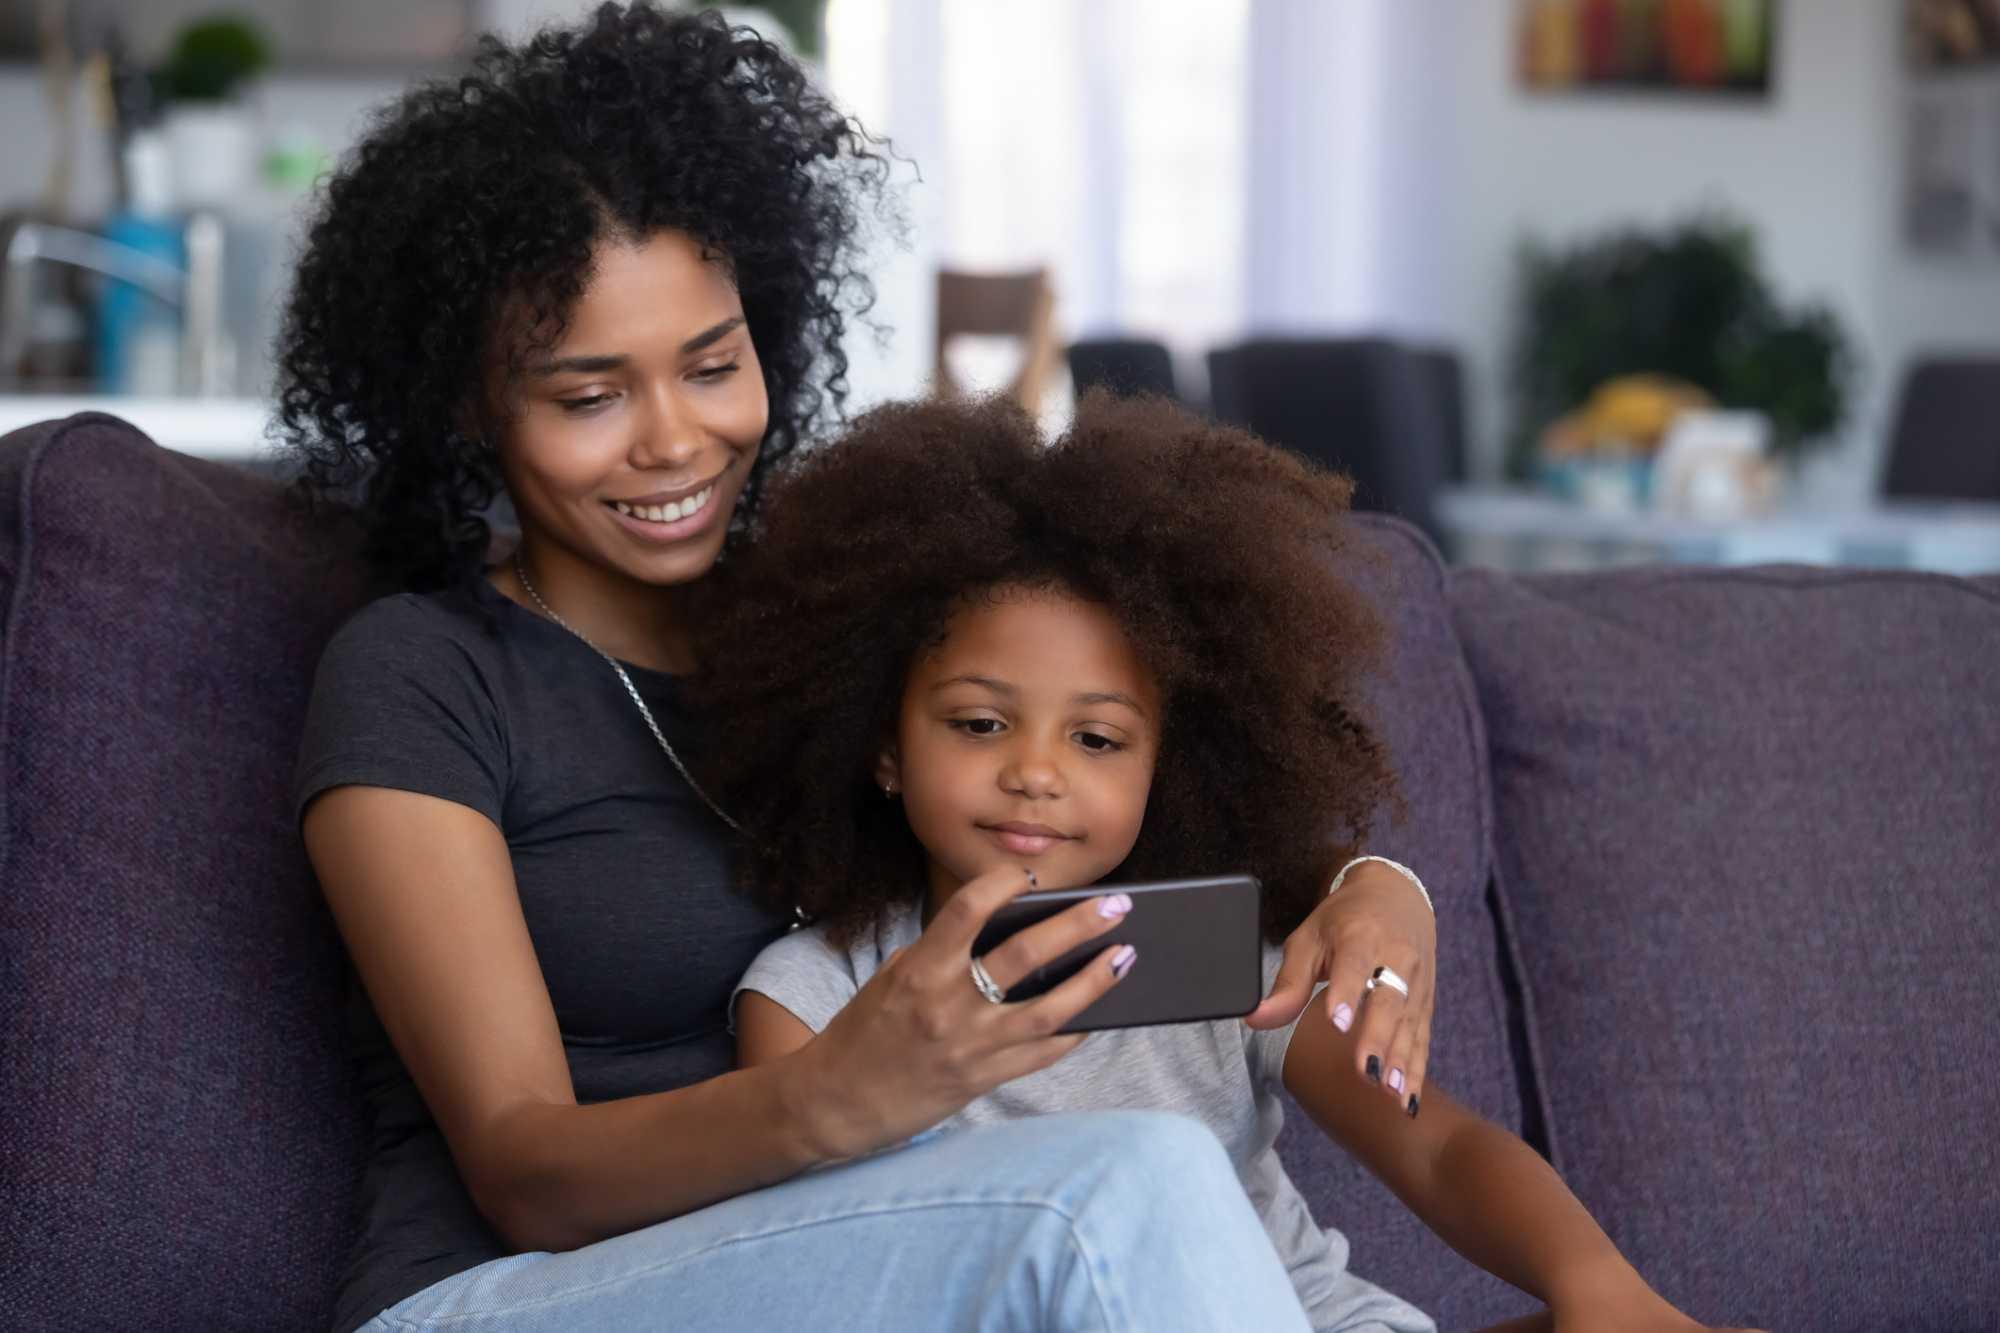 tecnologia no ambiente familiar